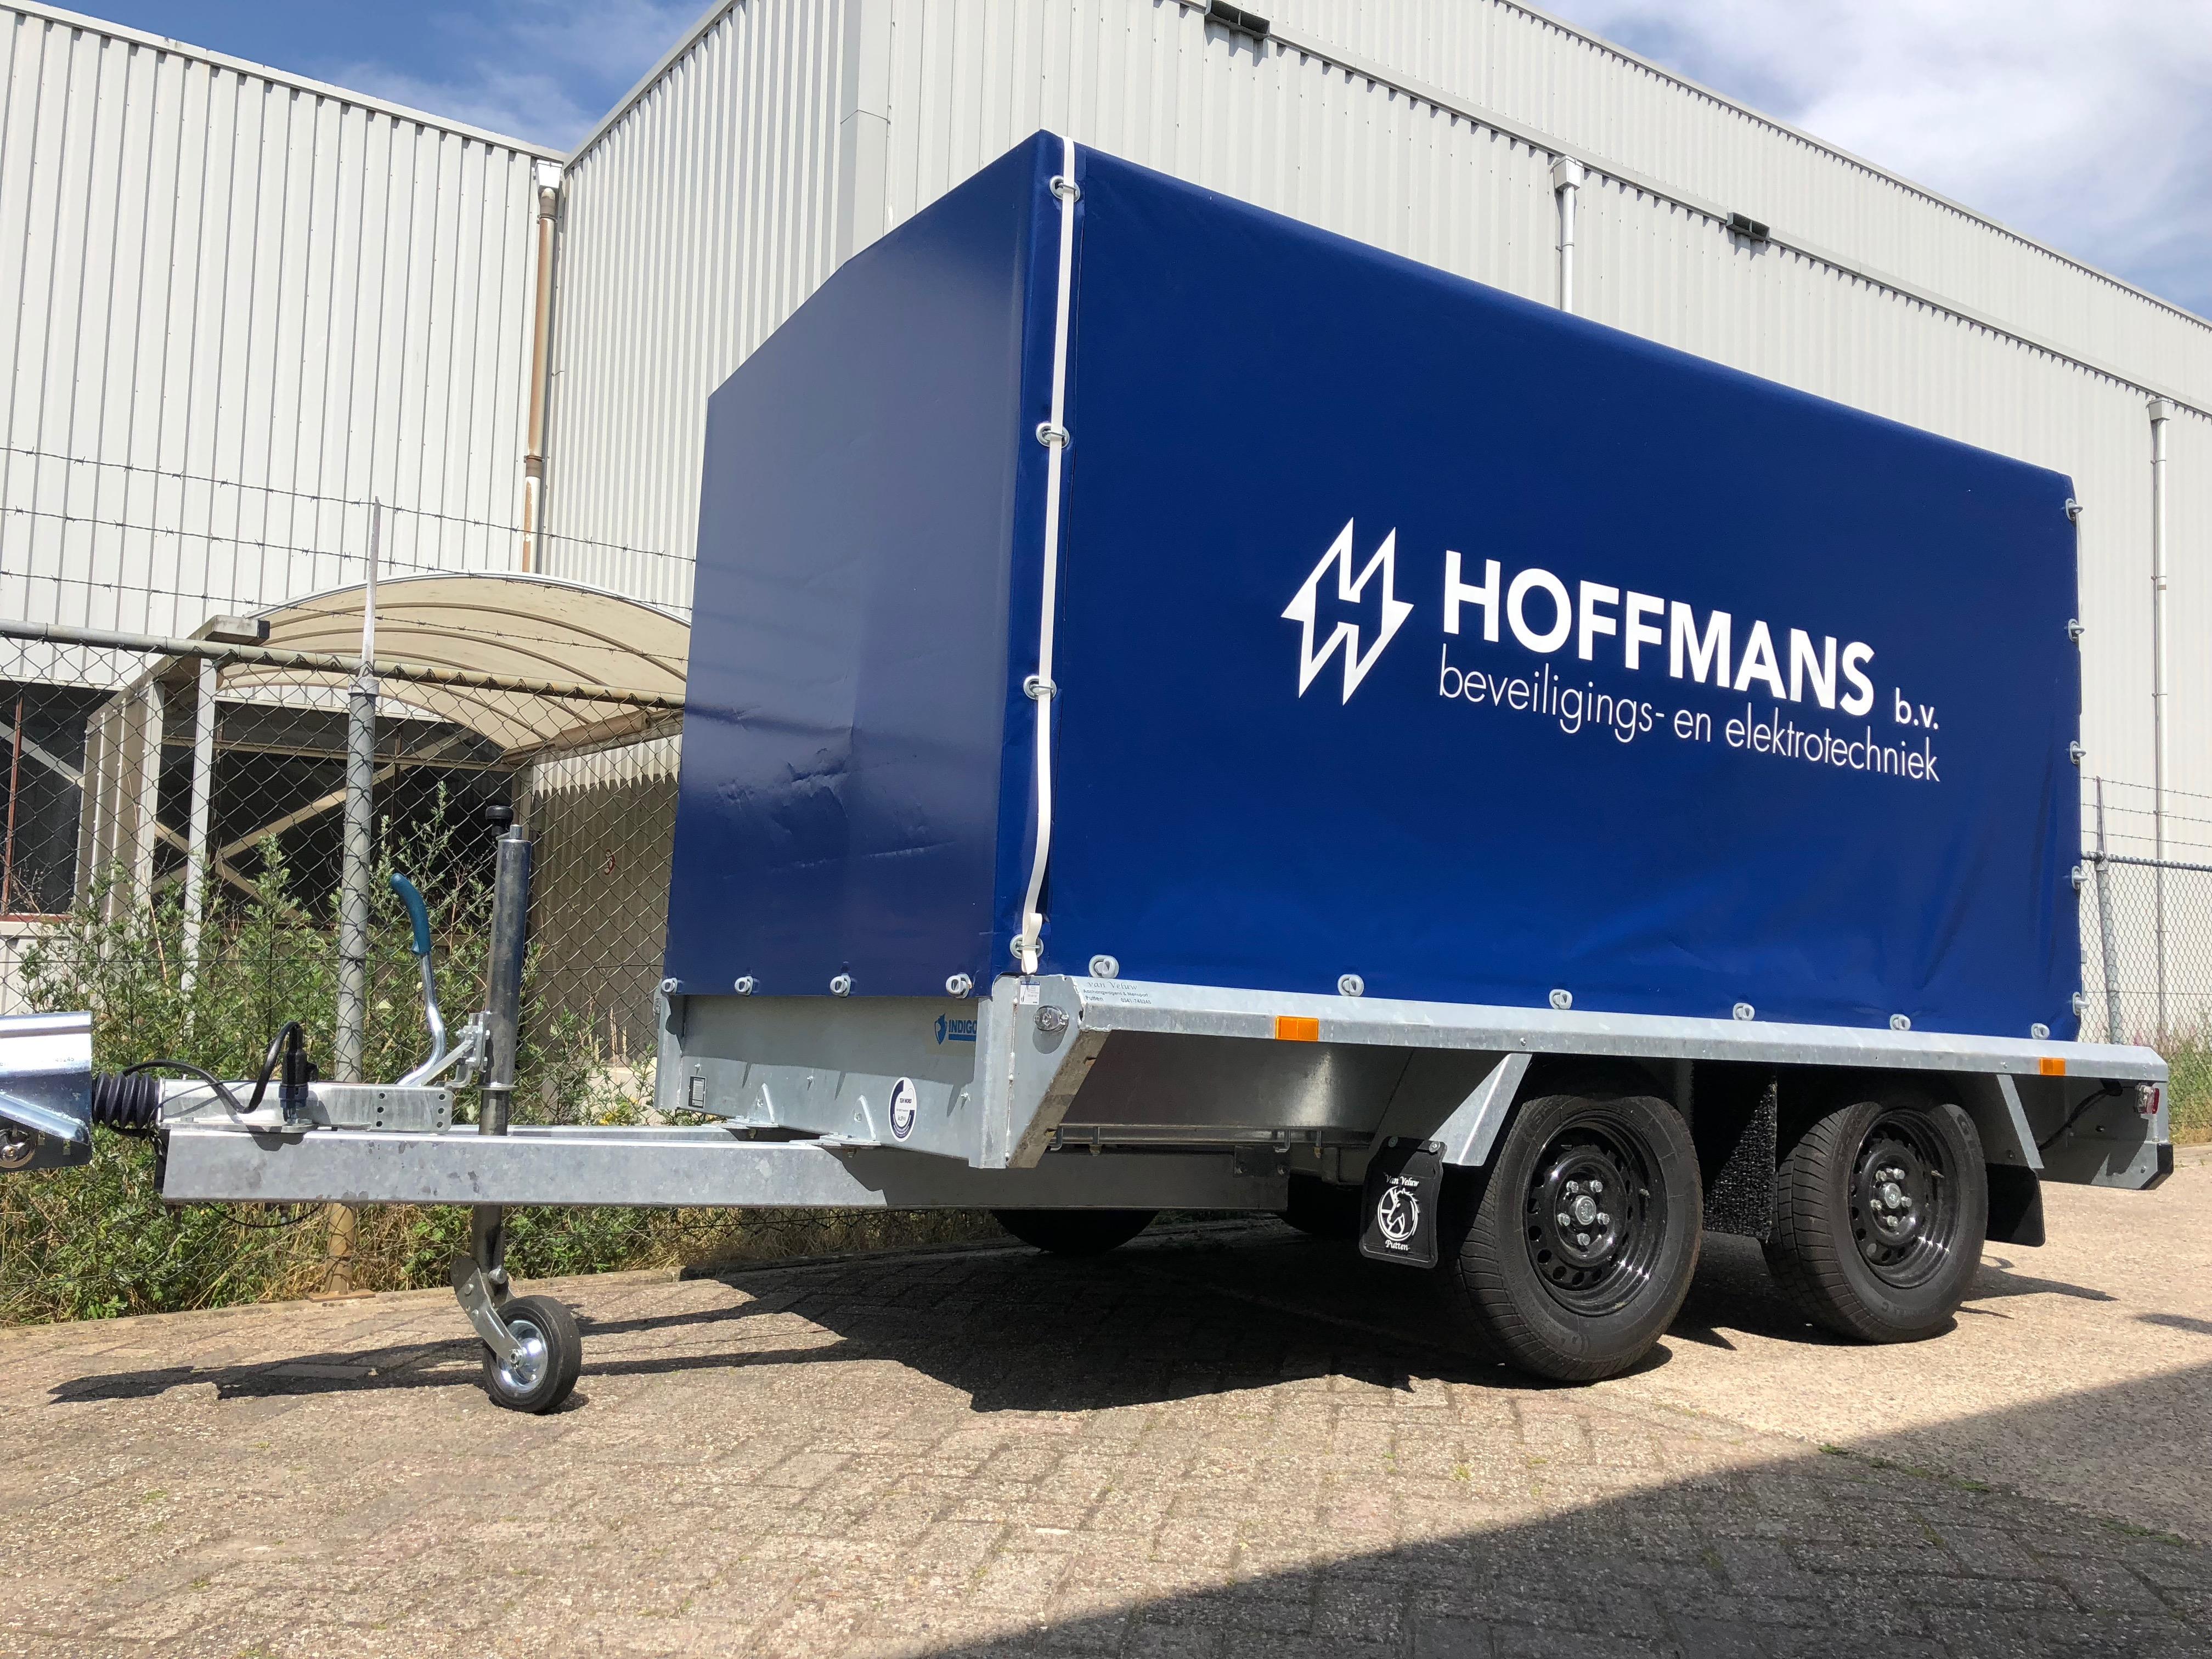 Hoffmans bv